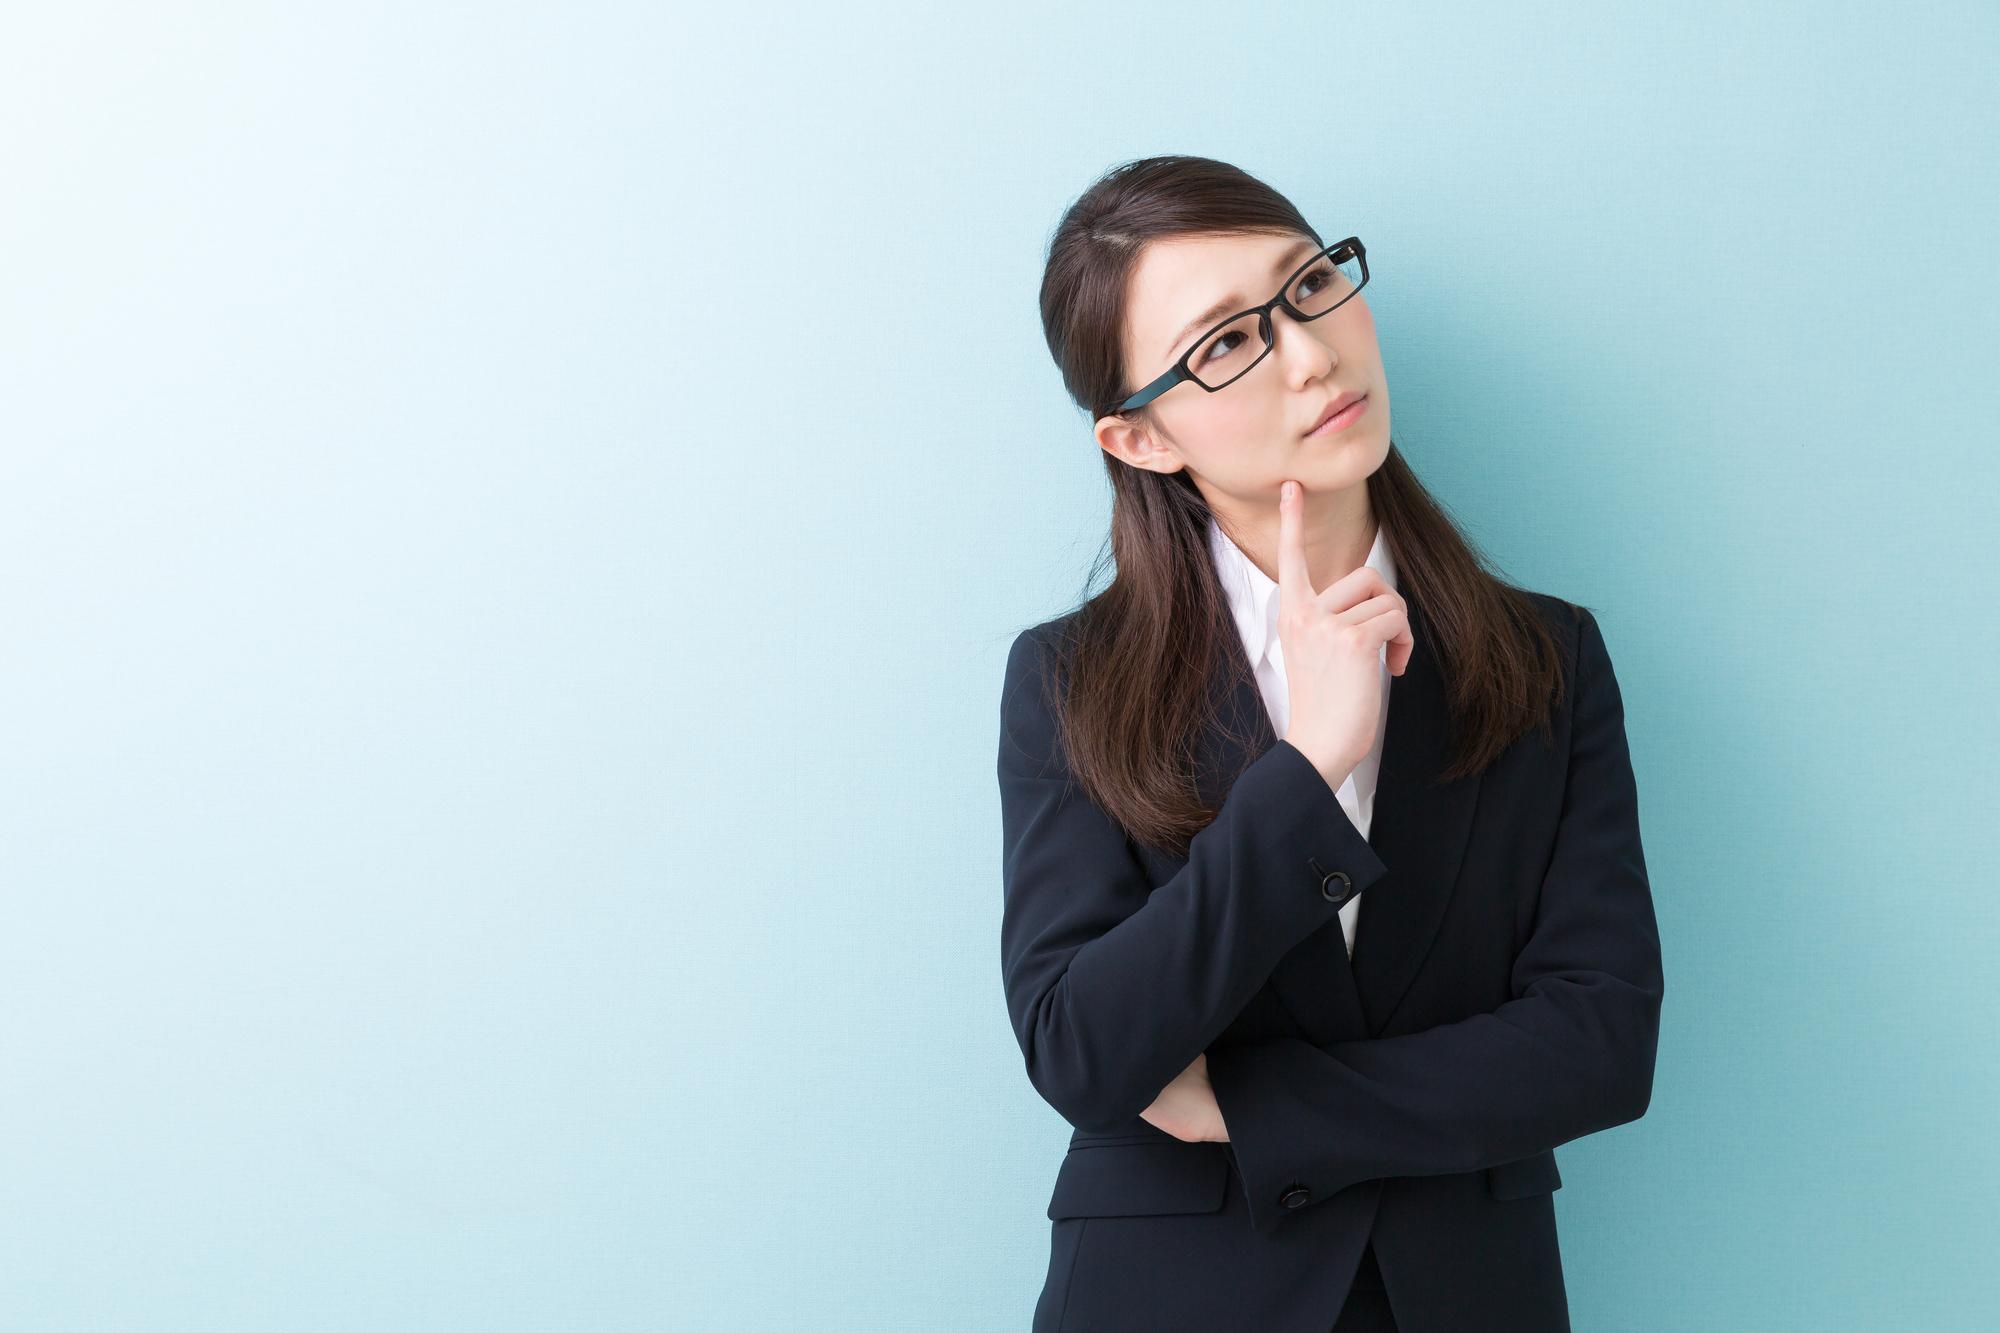 仕事を続けられるか悩む女性